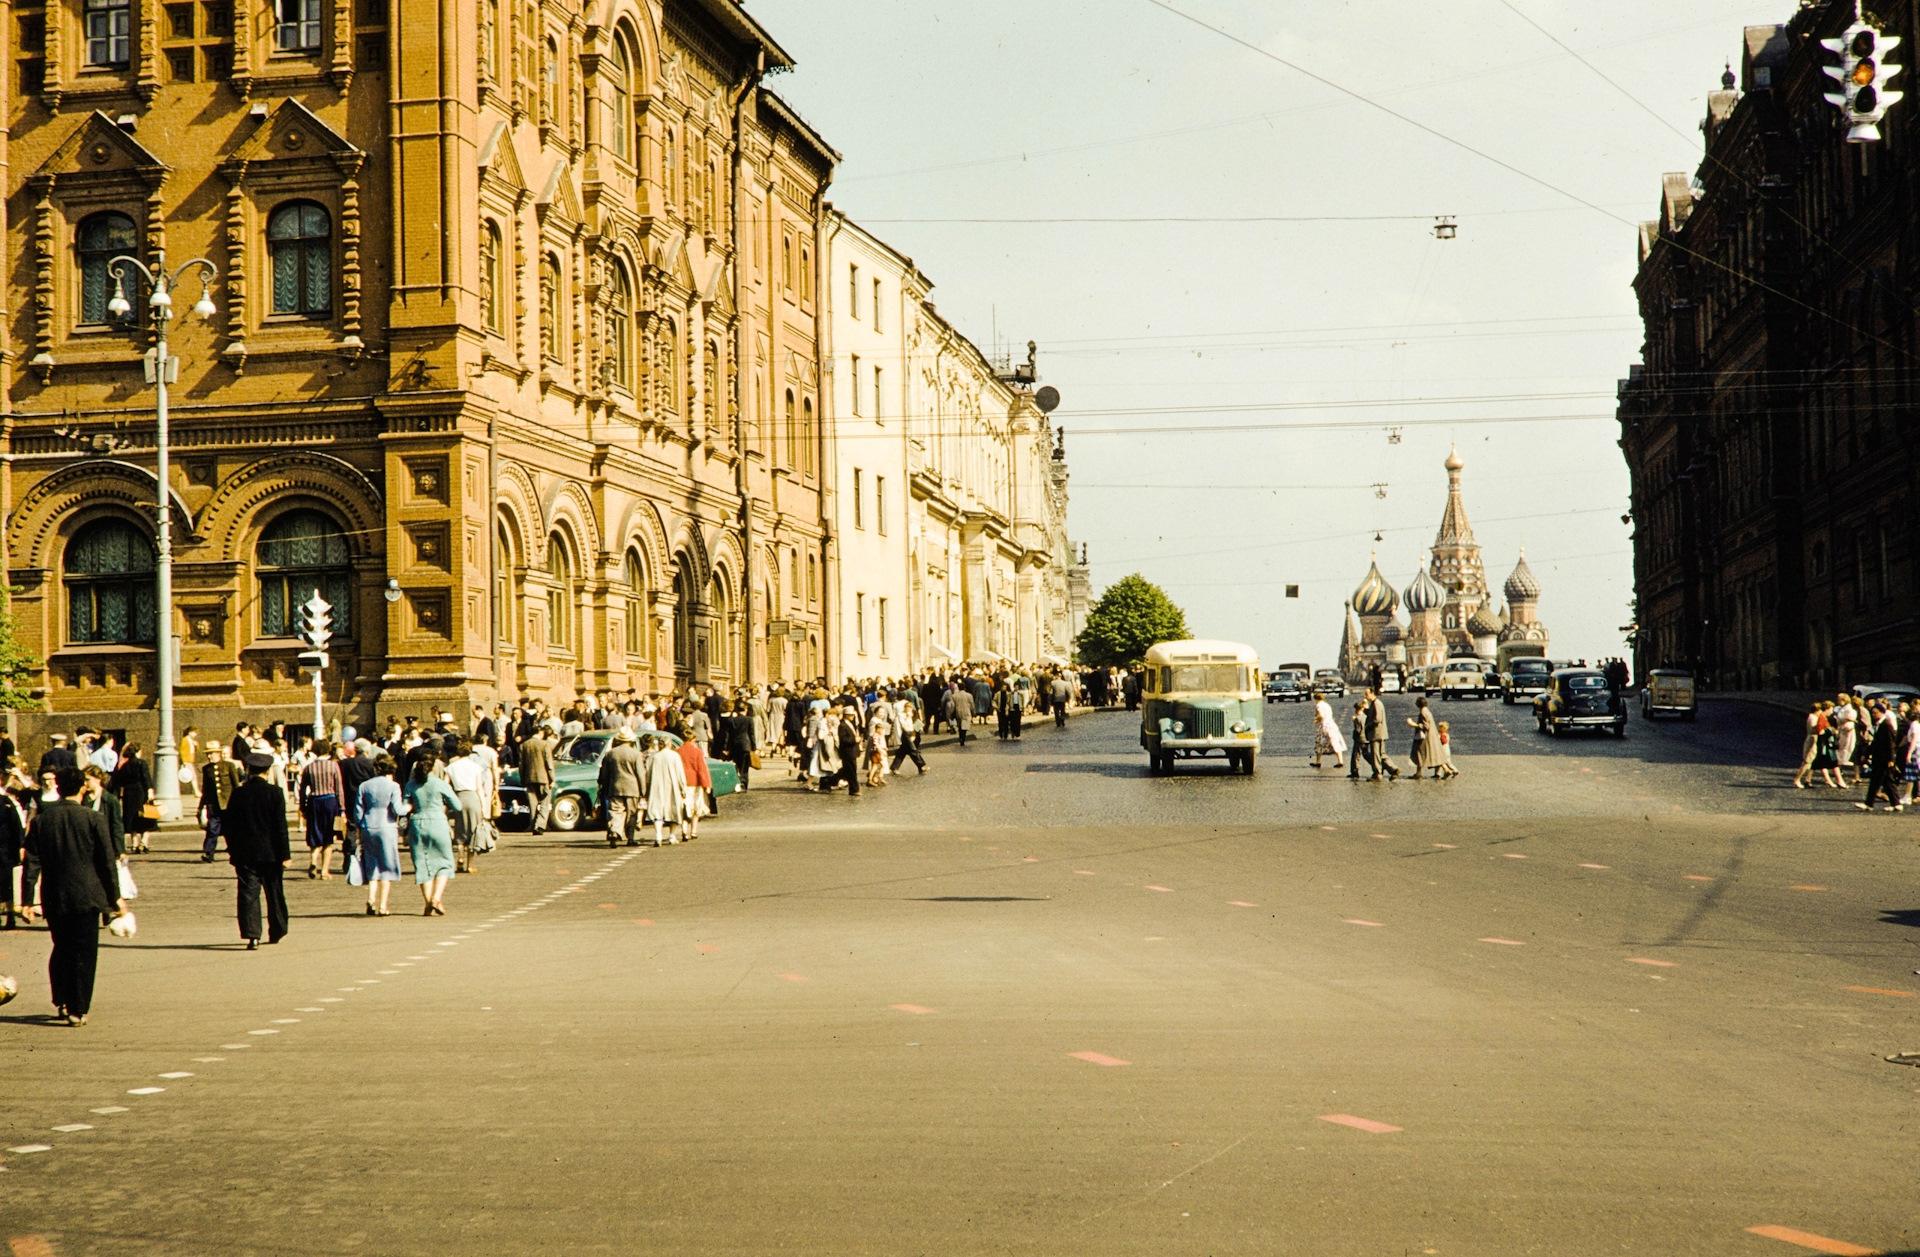 обладают какой-то фото улицы исторической москвы естественной среде